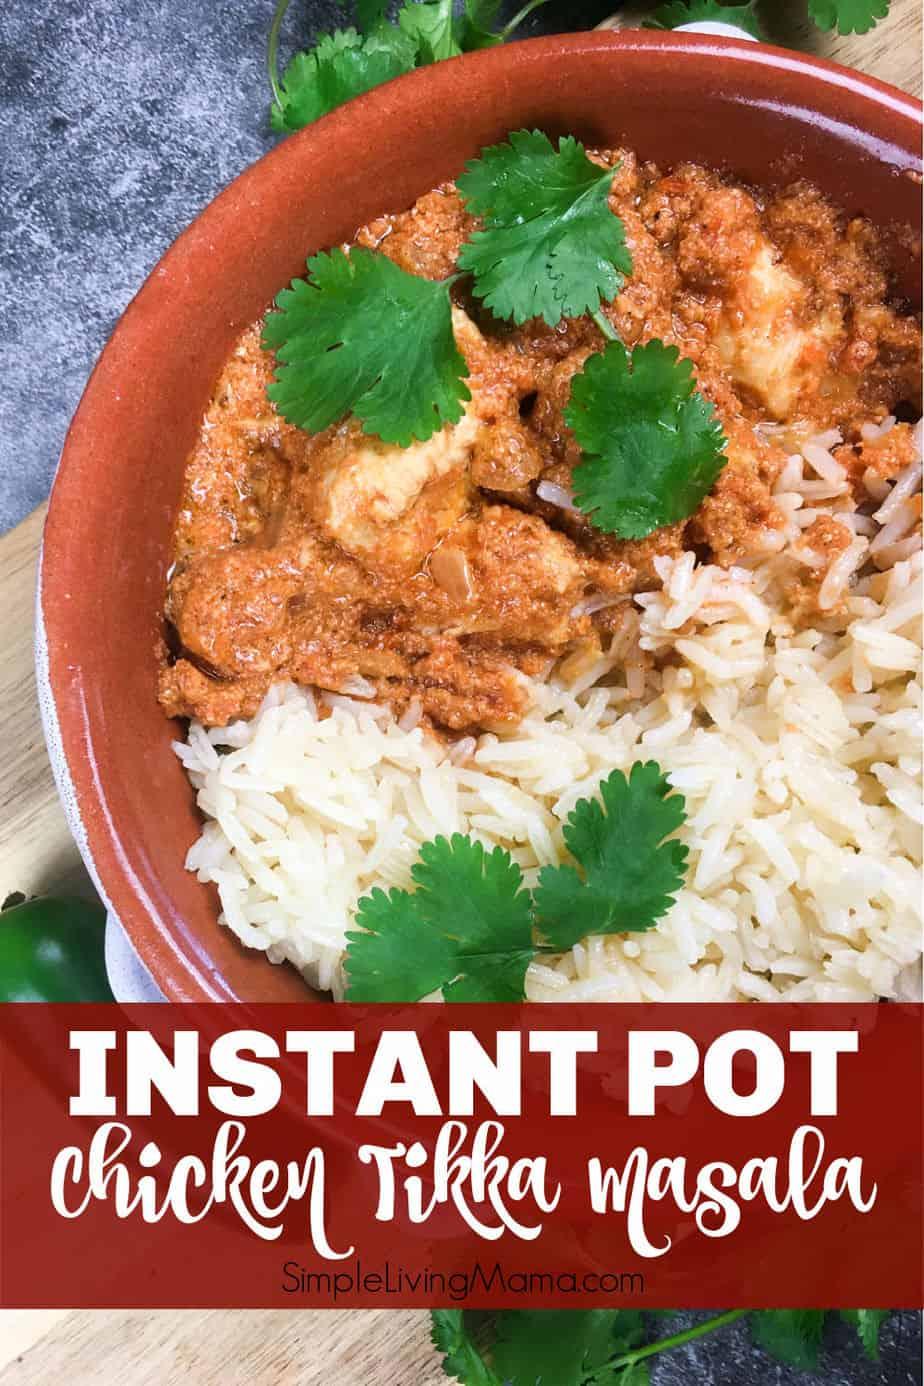 Healthy Instant Pot Chicken Tikka Masala